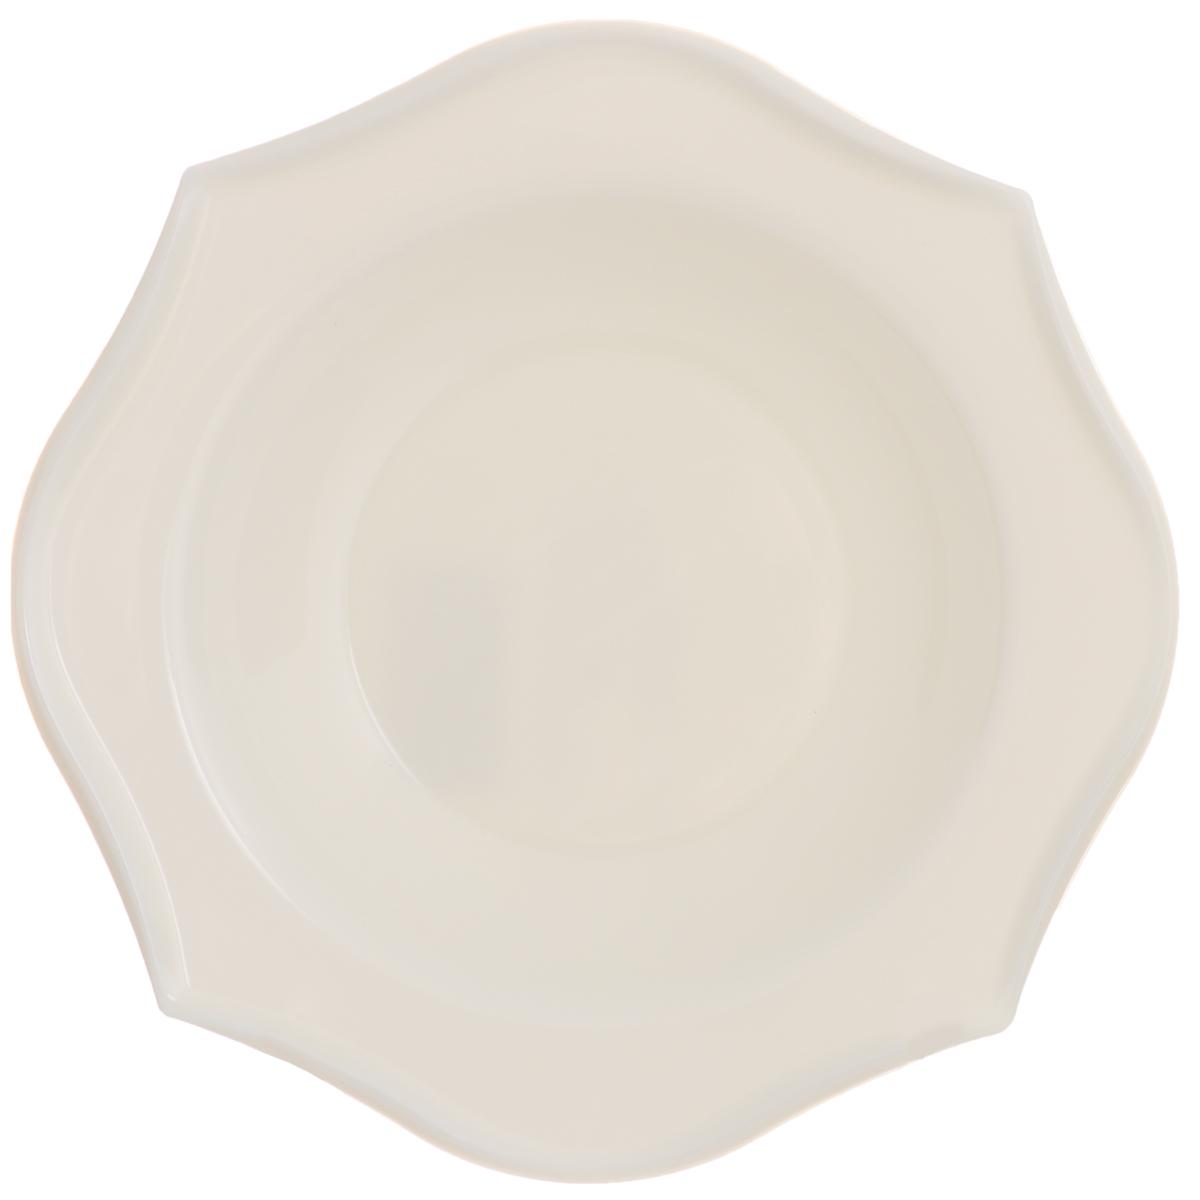 Тарелка глубокая Luminarc Louisa, диаметр 22,5 смJ1746Глубокая тарелка Luminarc Louisa выполнена из ударопрочного стекла. Она прекрасно впишется в интерьер вашей кухни и станет достойным дополнением к кухонному инвентарю. Тарелка Luminarc Louisa подчеркнет прекрасный вкус хозяйки и станет отличным подарком. Диаметр тарелки (по верхнему краю): 22,5 см.